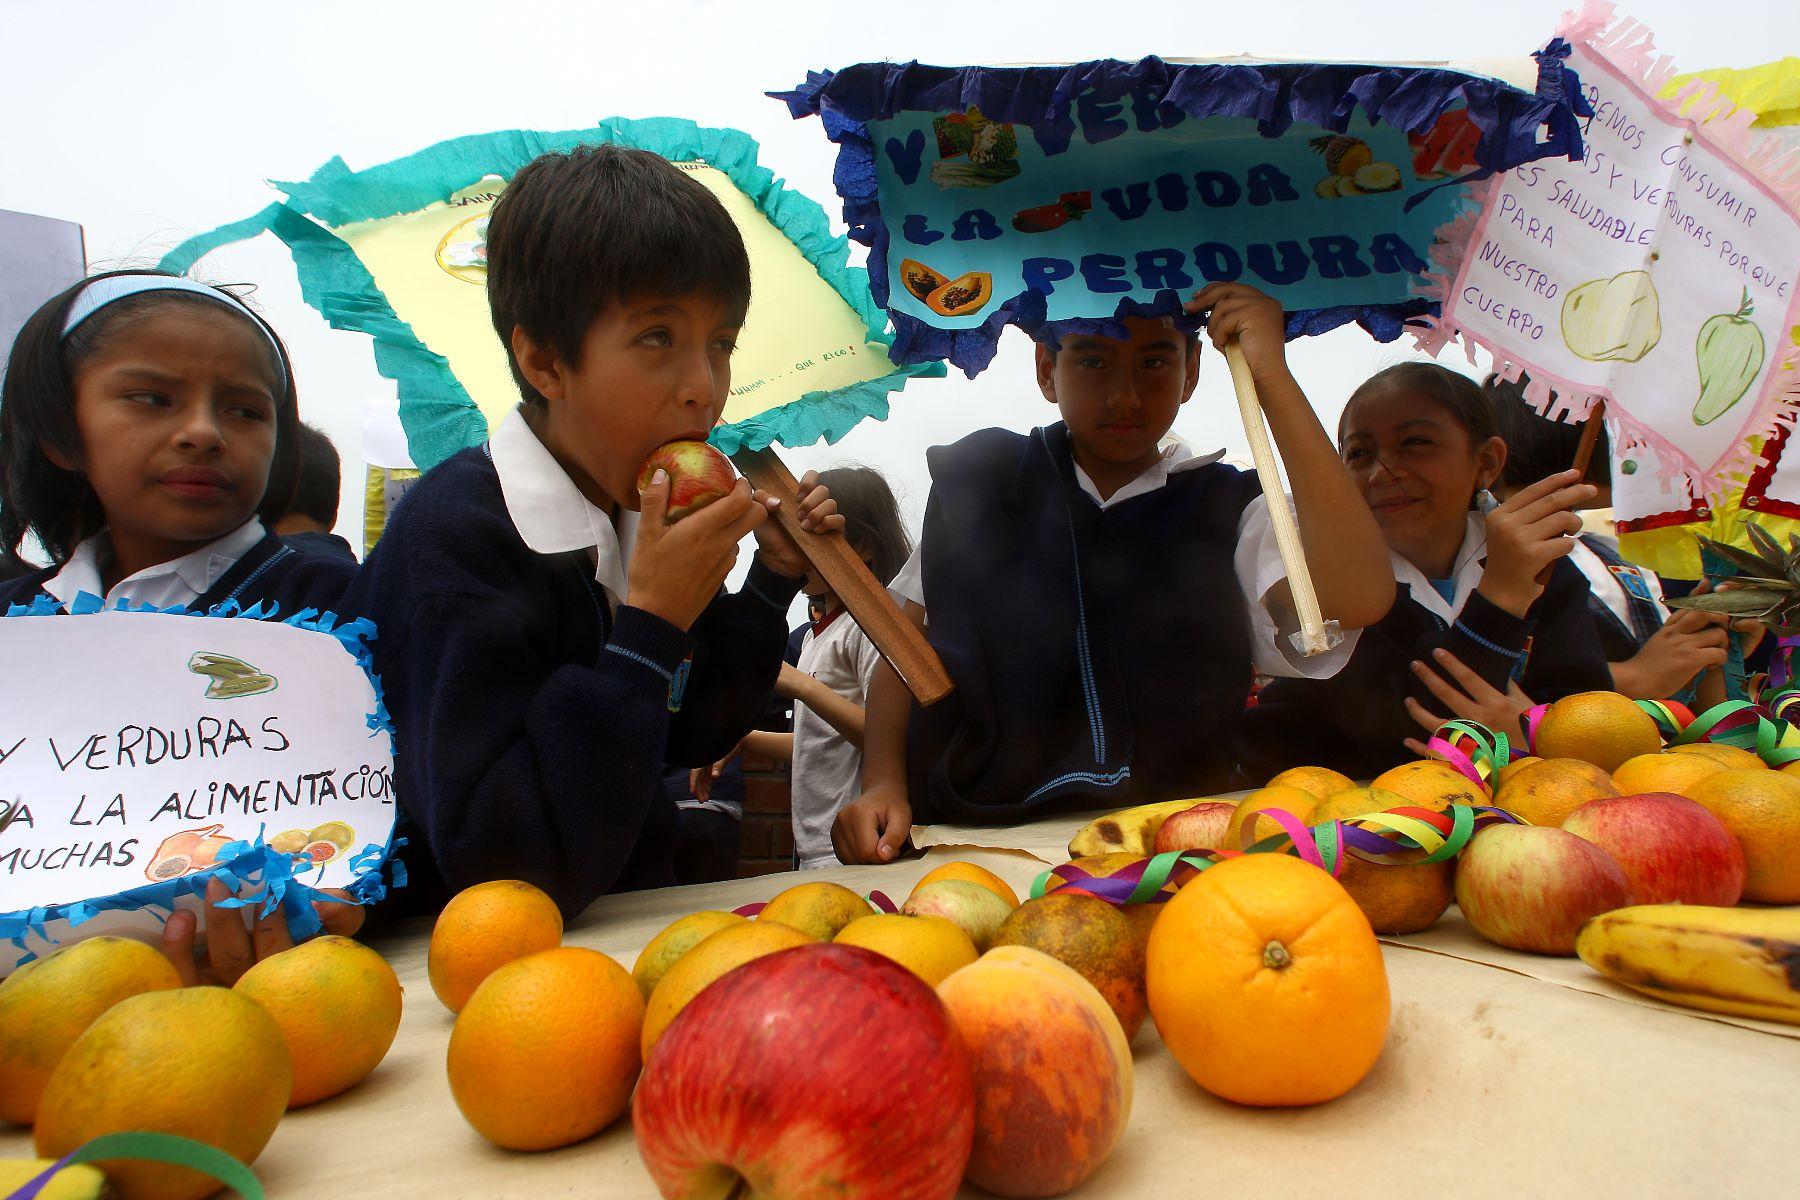 Regiones Celebran Dia Mundial De La Alimentacion Con Ferias Gastronomicas Y Pasacalles Noticias Agencia Peruana De Noticias Andina